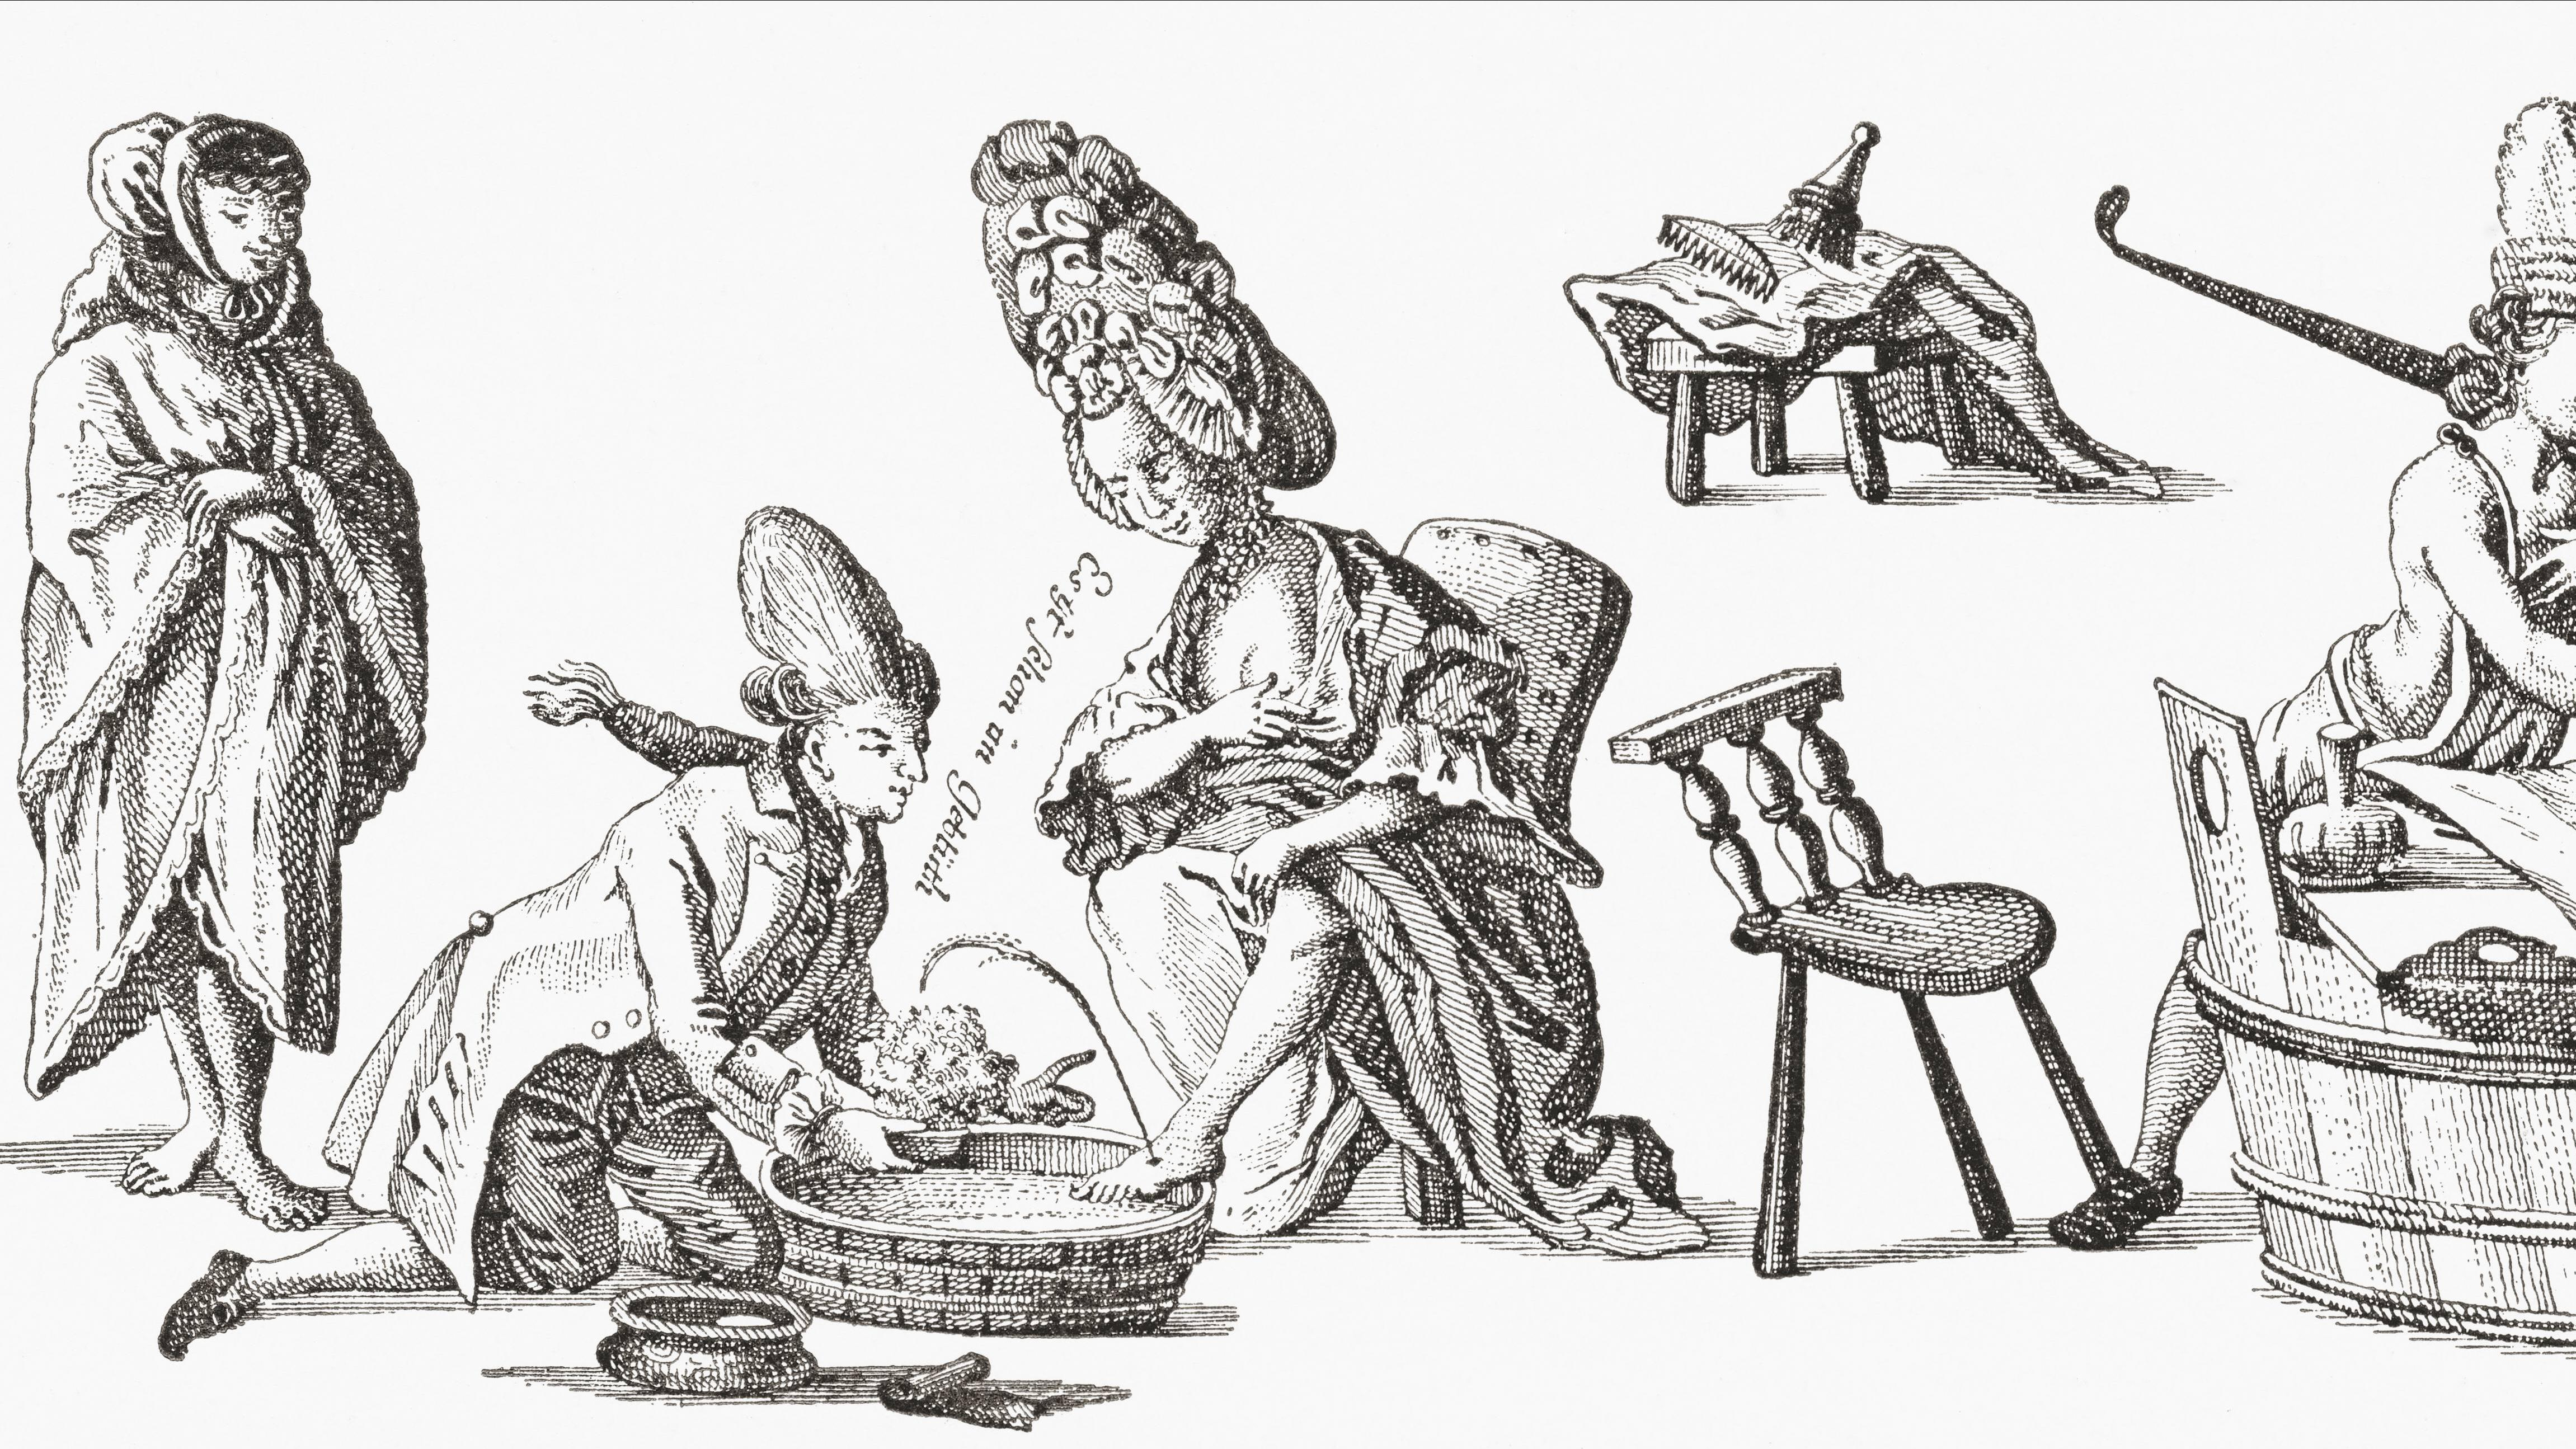 Medizin im Mittelalter: Aderlass war weit verbreitet.